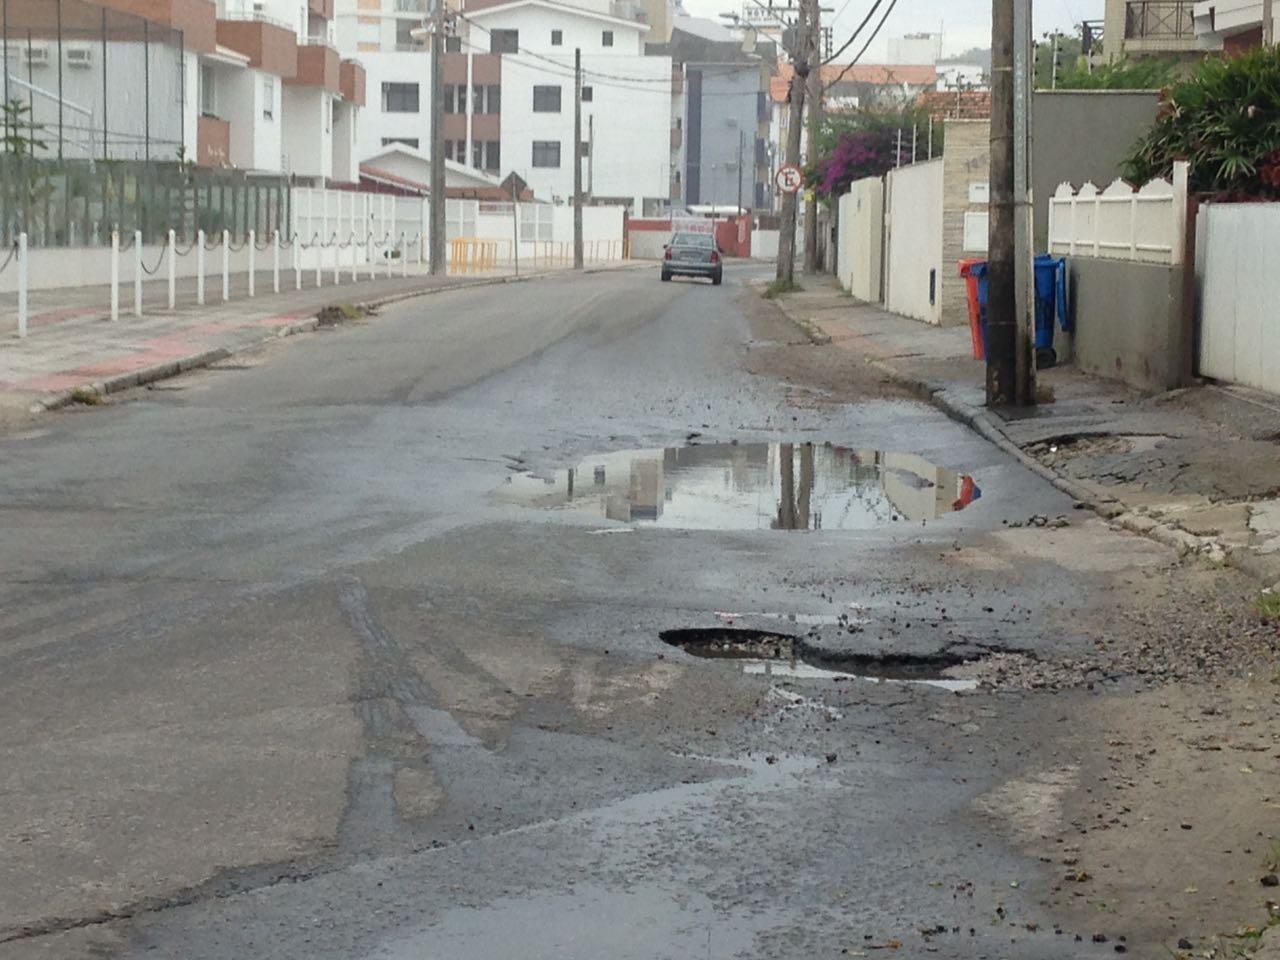 Casan diz que vai investigar novo afundamento de rua na Praia dos Ingleses